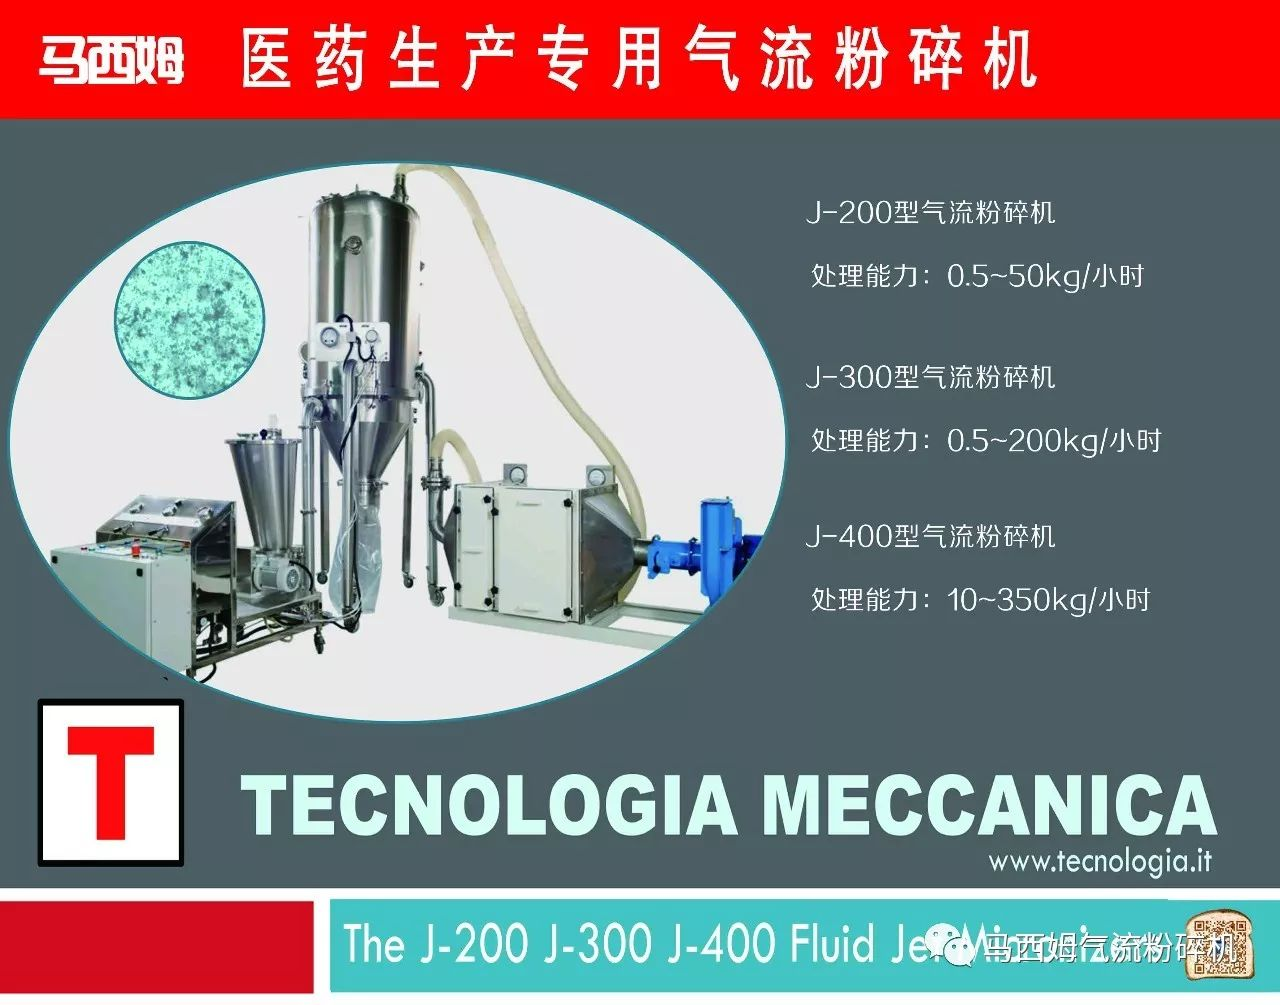 意大利马西姆大型实验机J-300投入生产,可以提供代加工粉碎服务|新闻资讯-临朐海通国际贸易有限公司